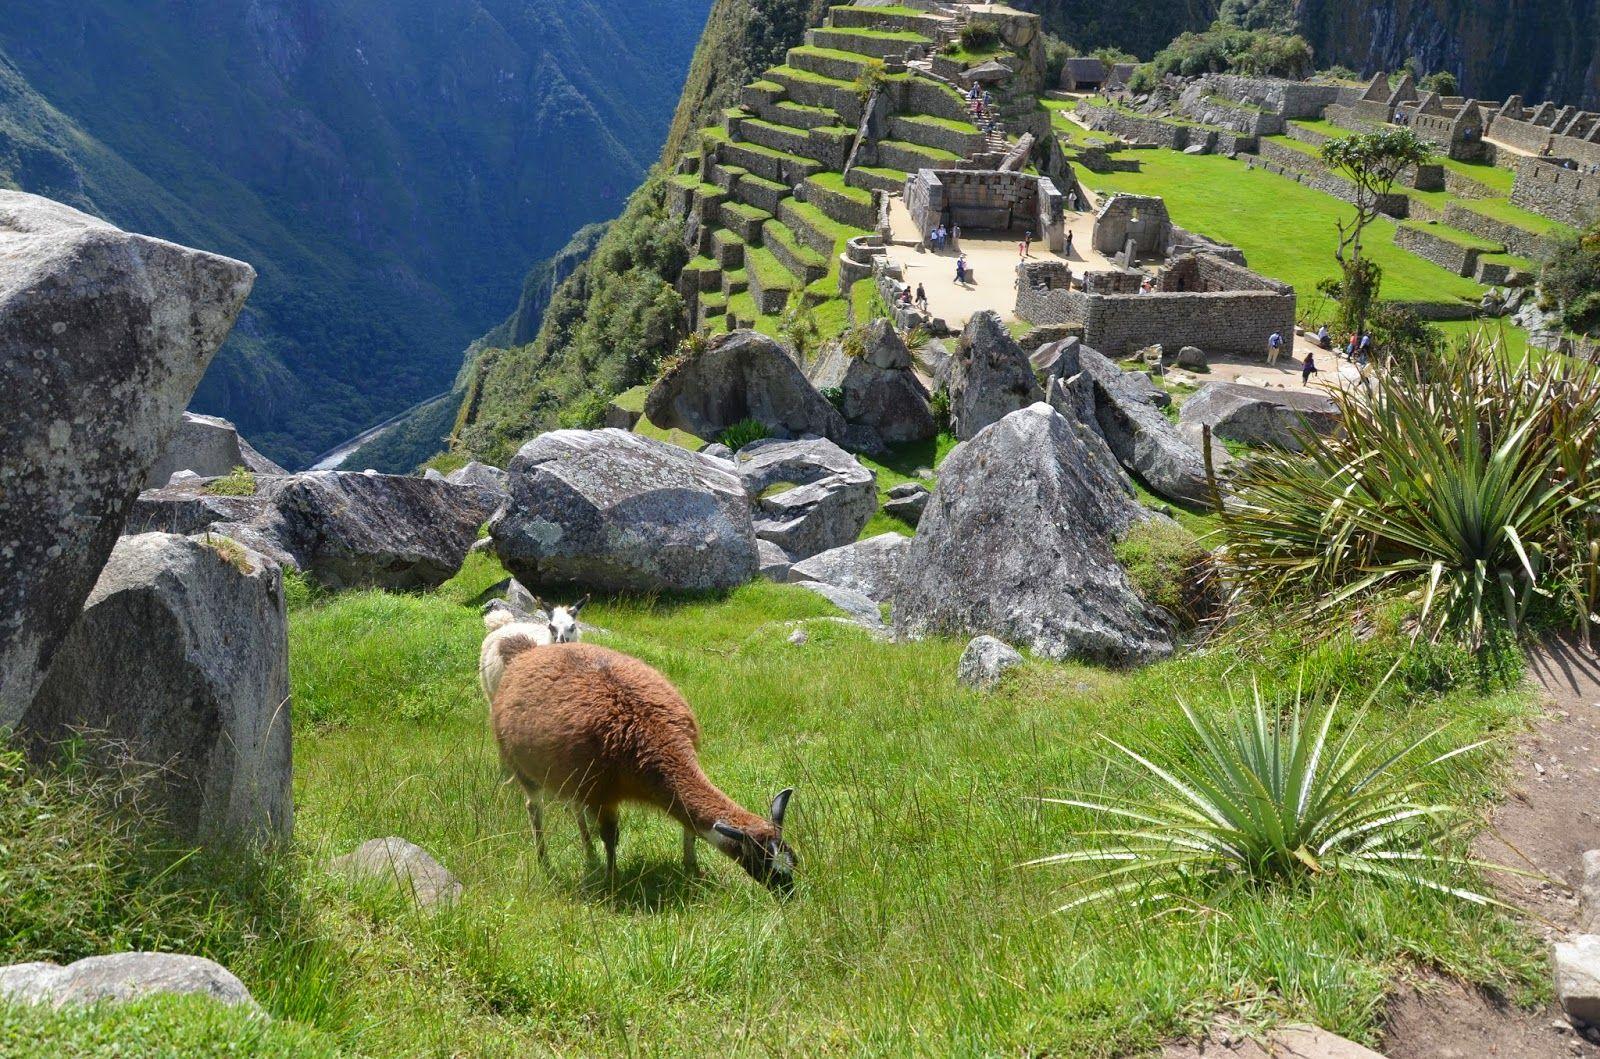 lamas_machu_picchu :#peru #travel #machupicchu